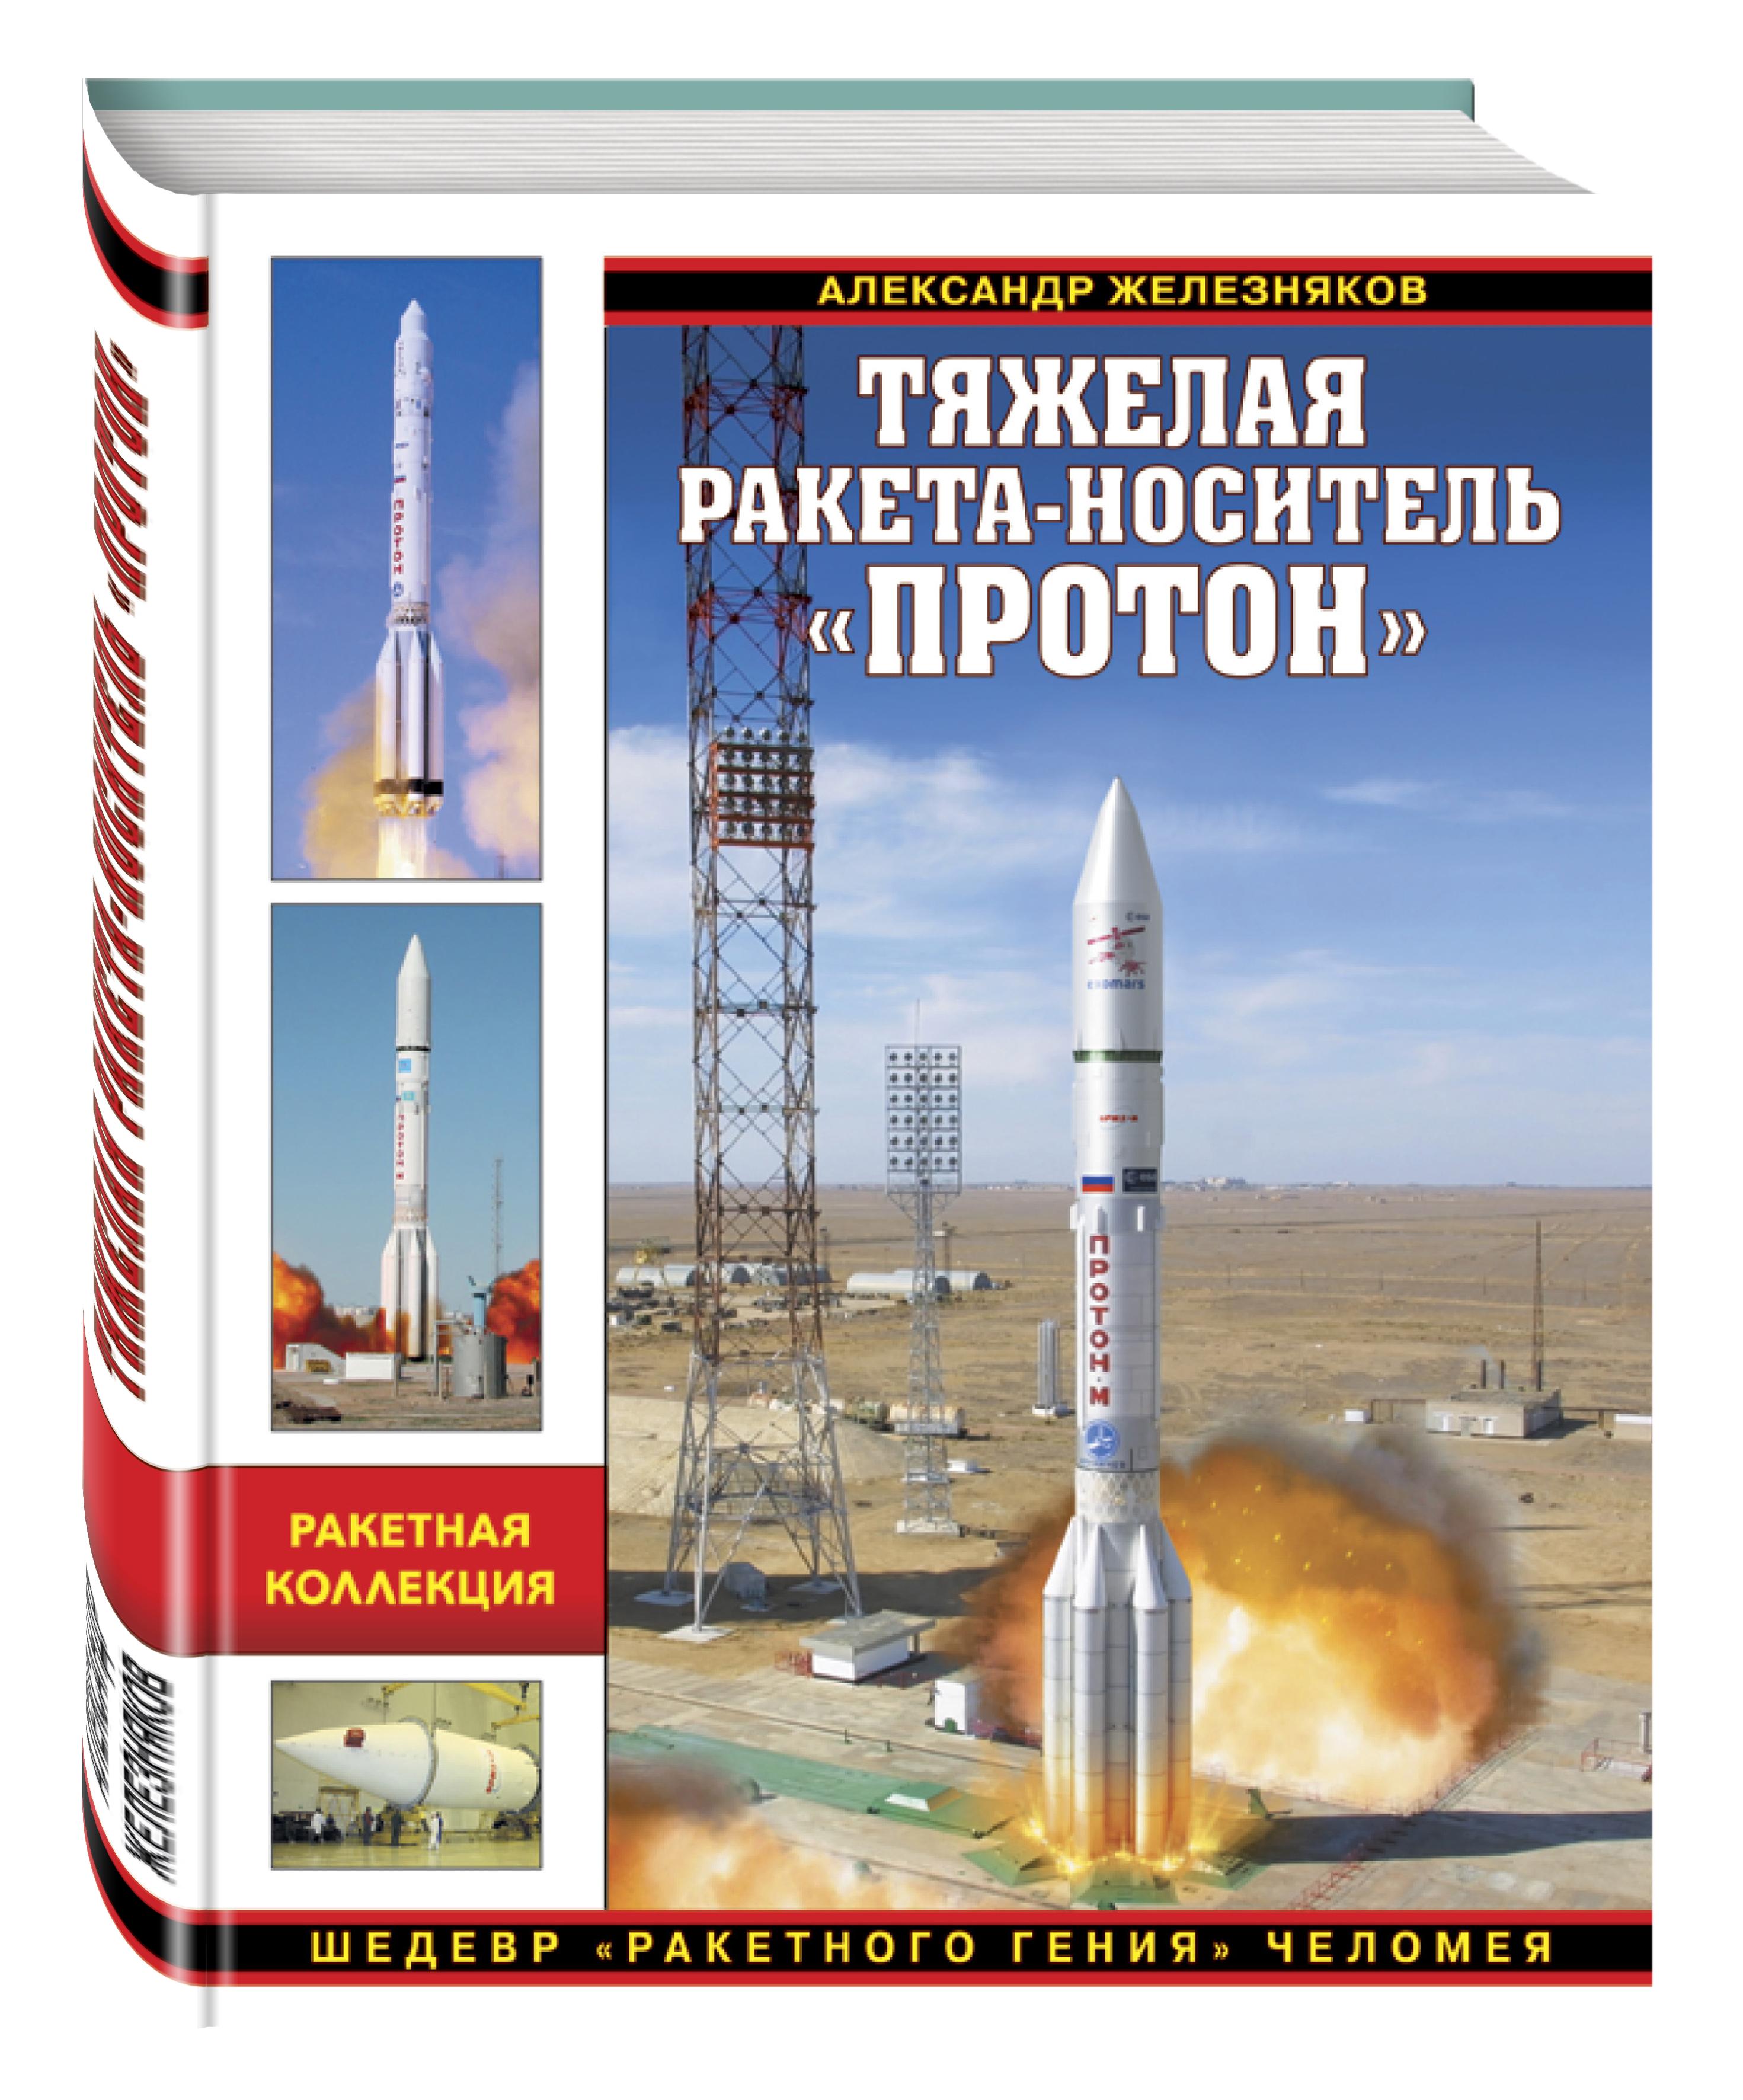 Тяжелая ракета-носитель «Протон». Шедевр «ракетного гения» Челомея